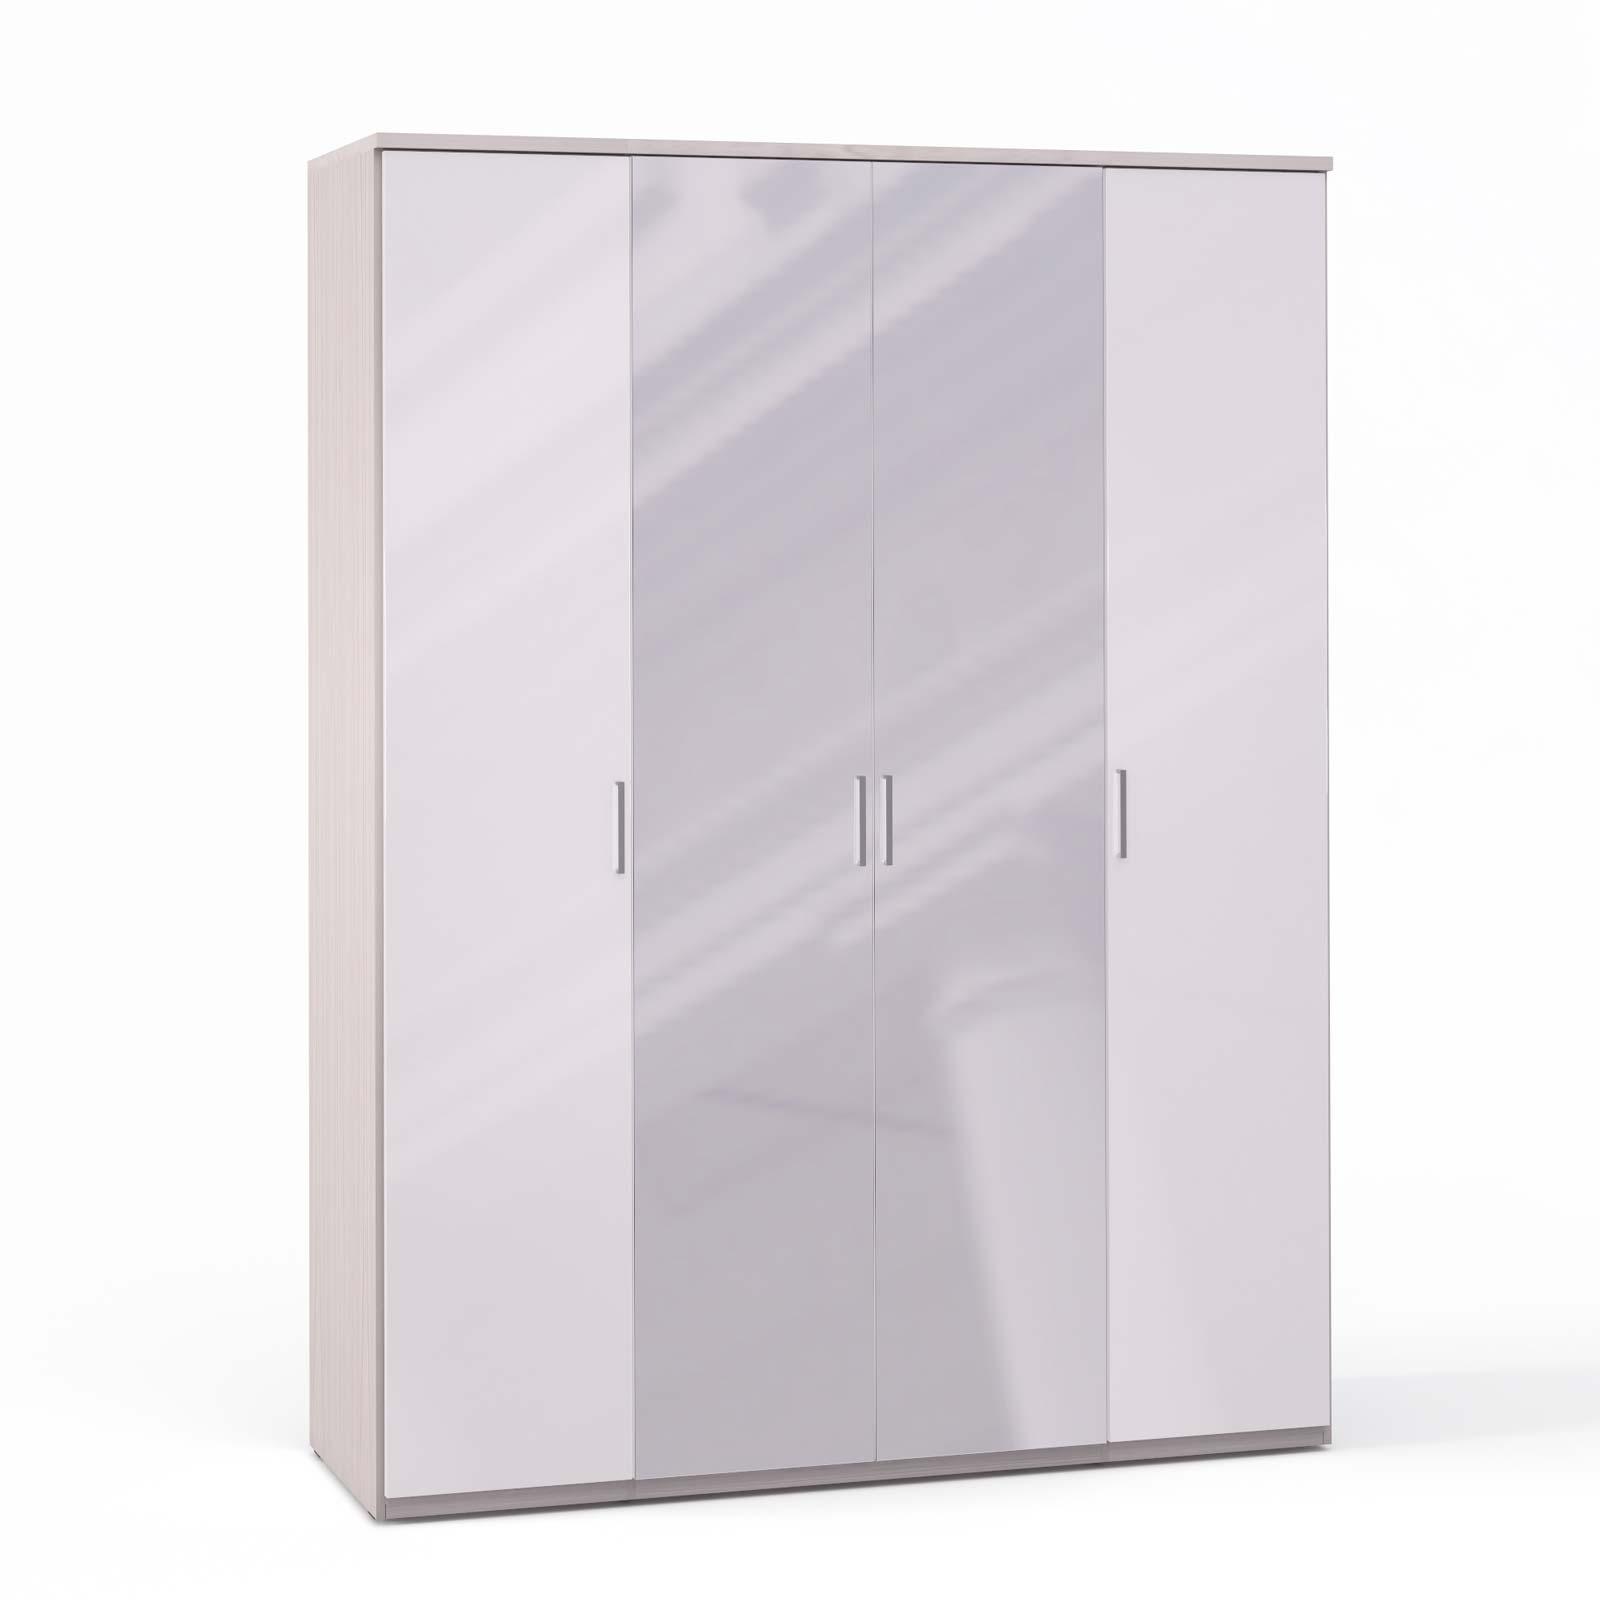 Спальня Rimini Ice Шкаф 4 дв. (1+2+1) с зерк. - 5494